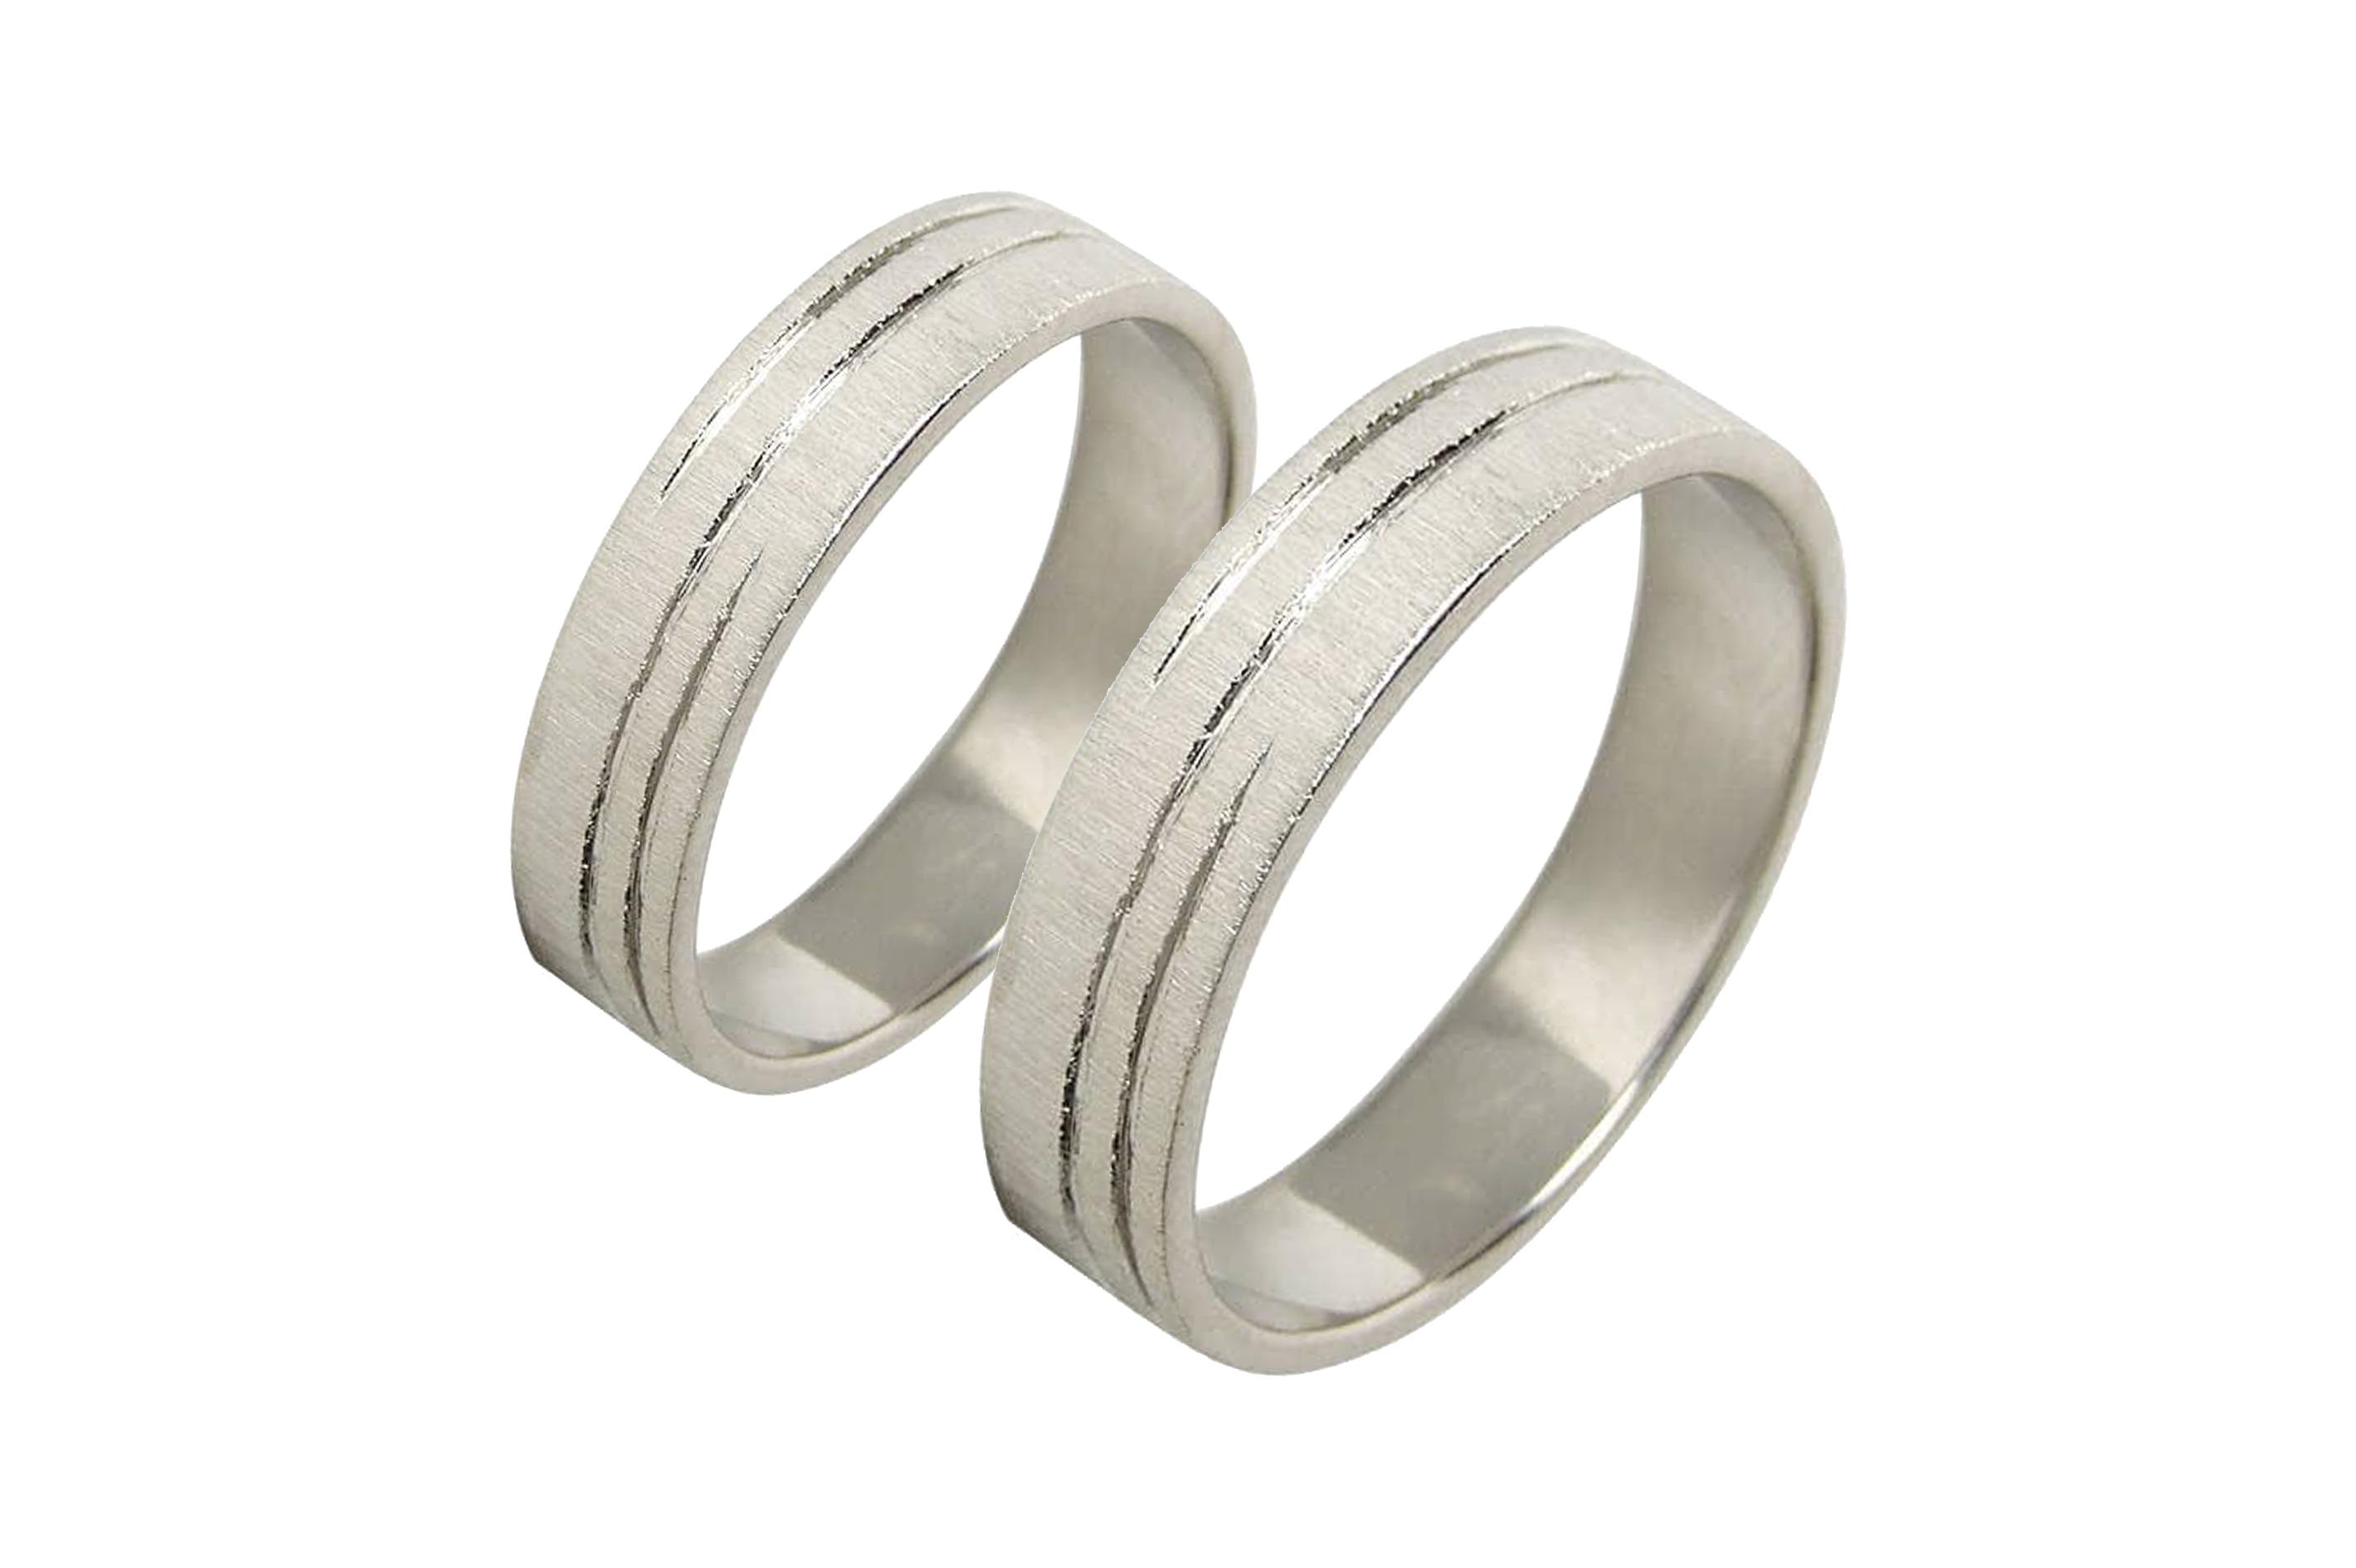 f6377c80c26c donde comprar alianzas bodas originales y sencillas en alicante - joyeria  marga mira - wedding jewelry